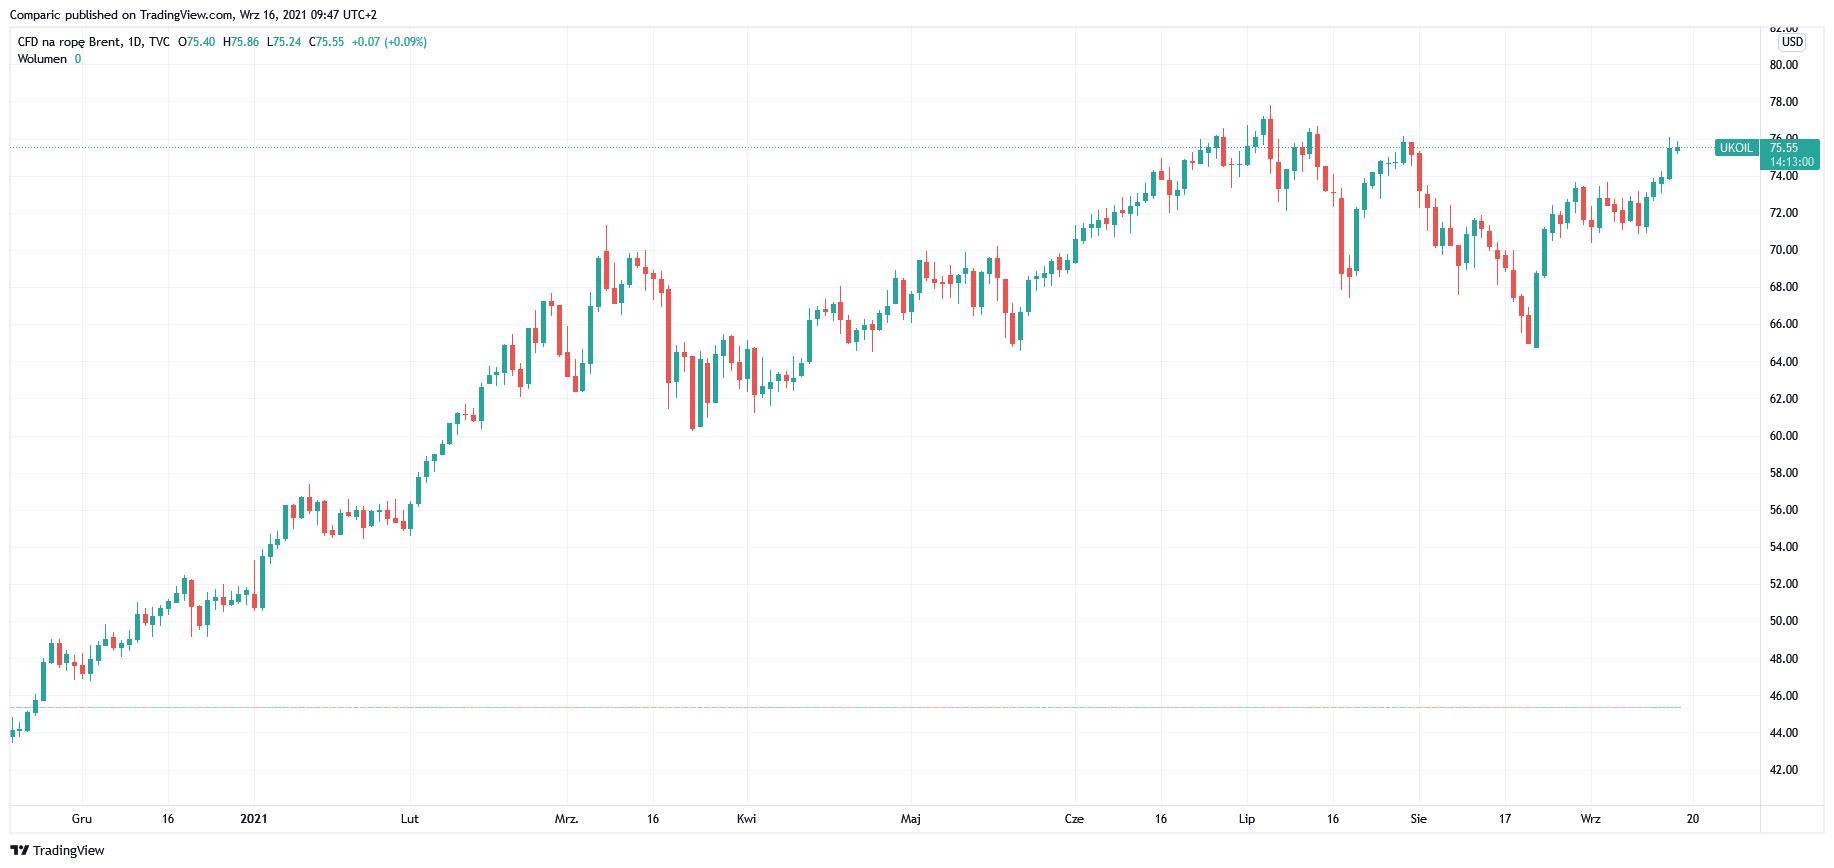 Cena ropy WTI nieznacznie w dół. Zaskakujący spadek poziomu rezerw w USA